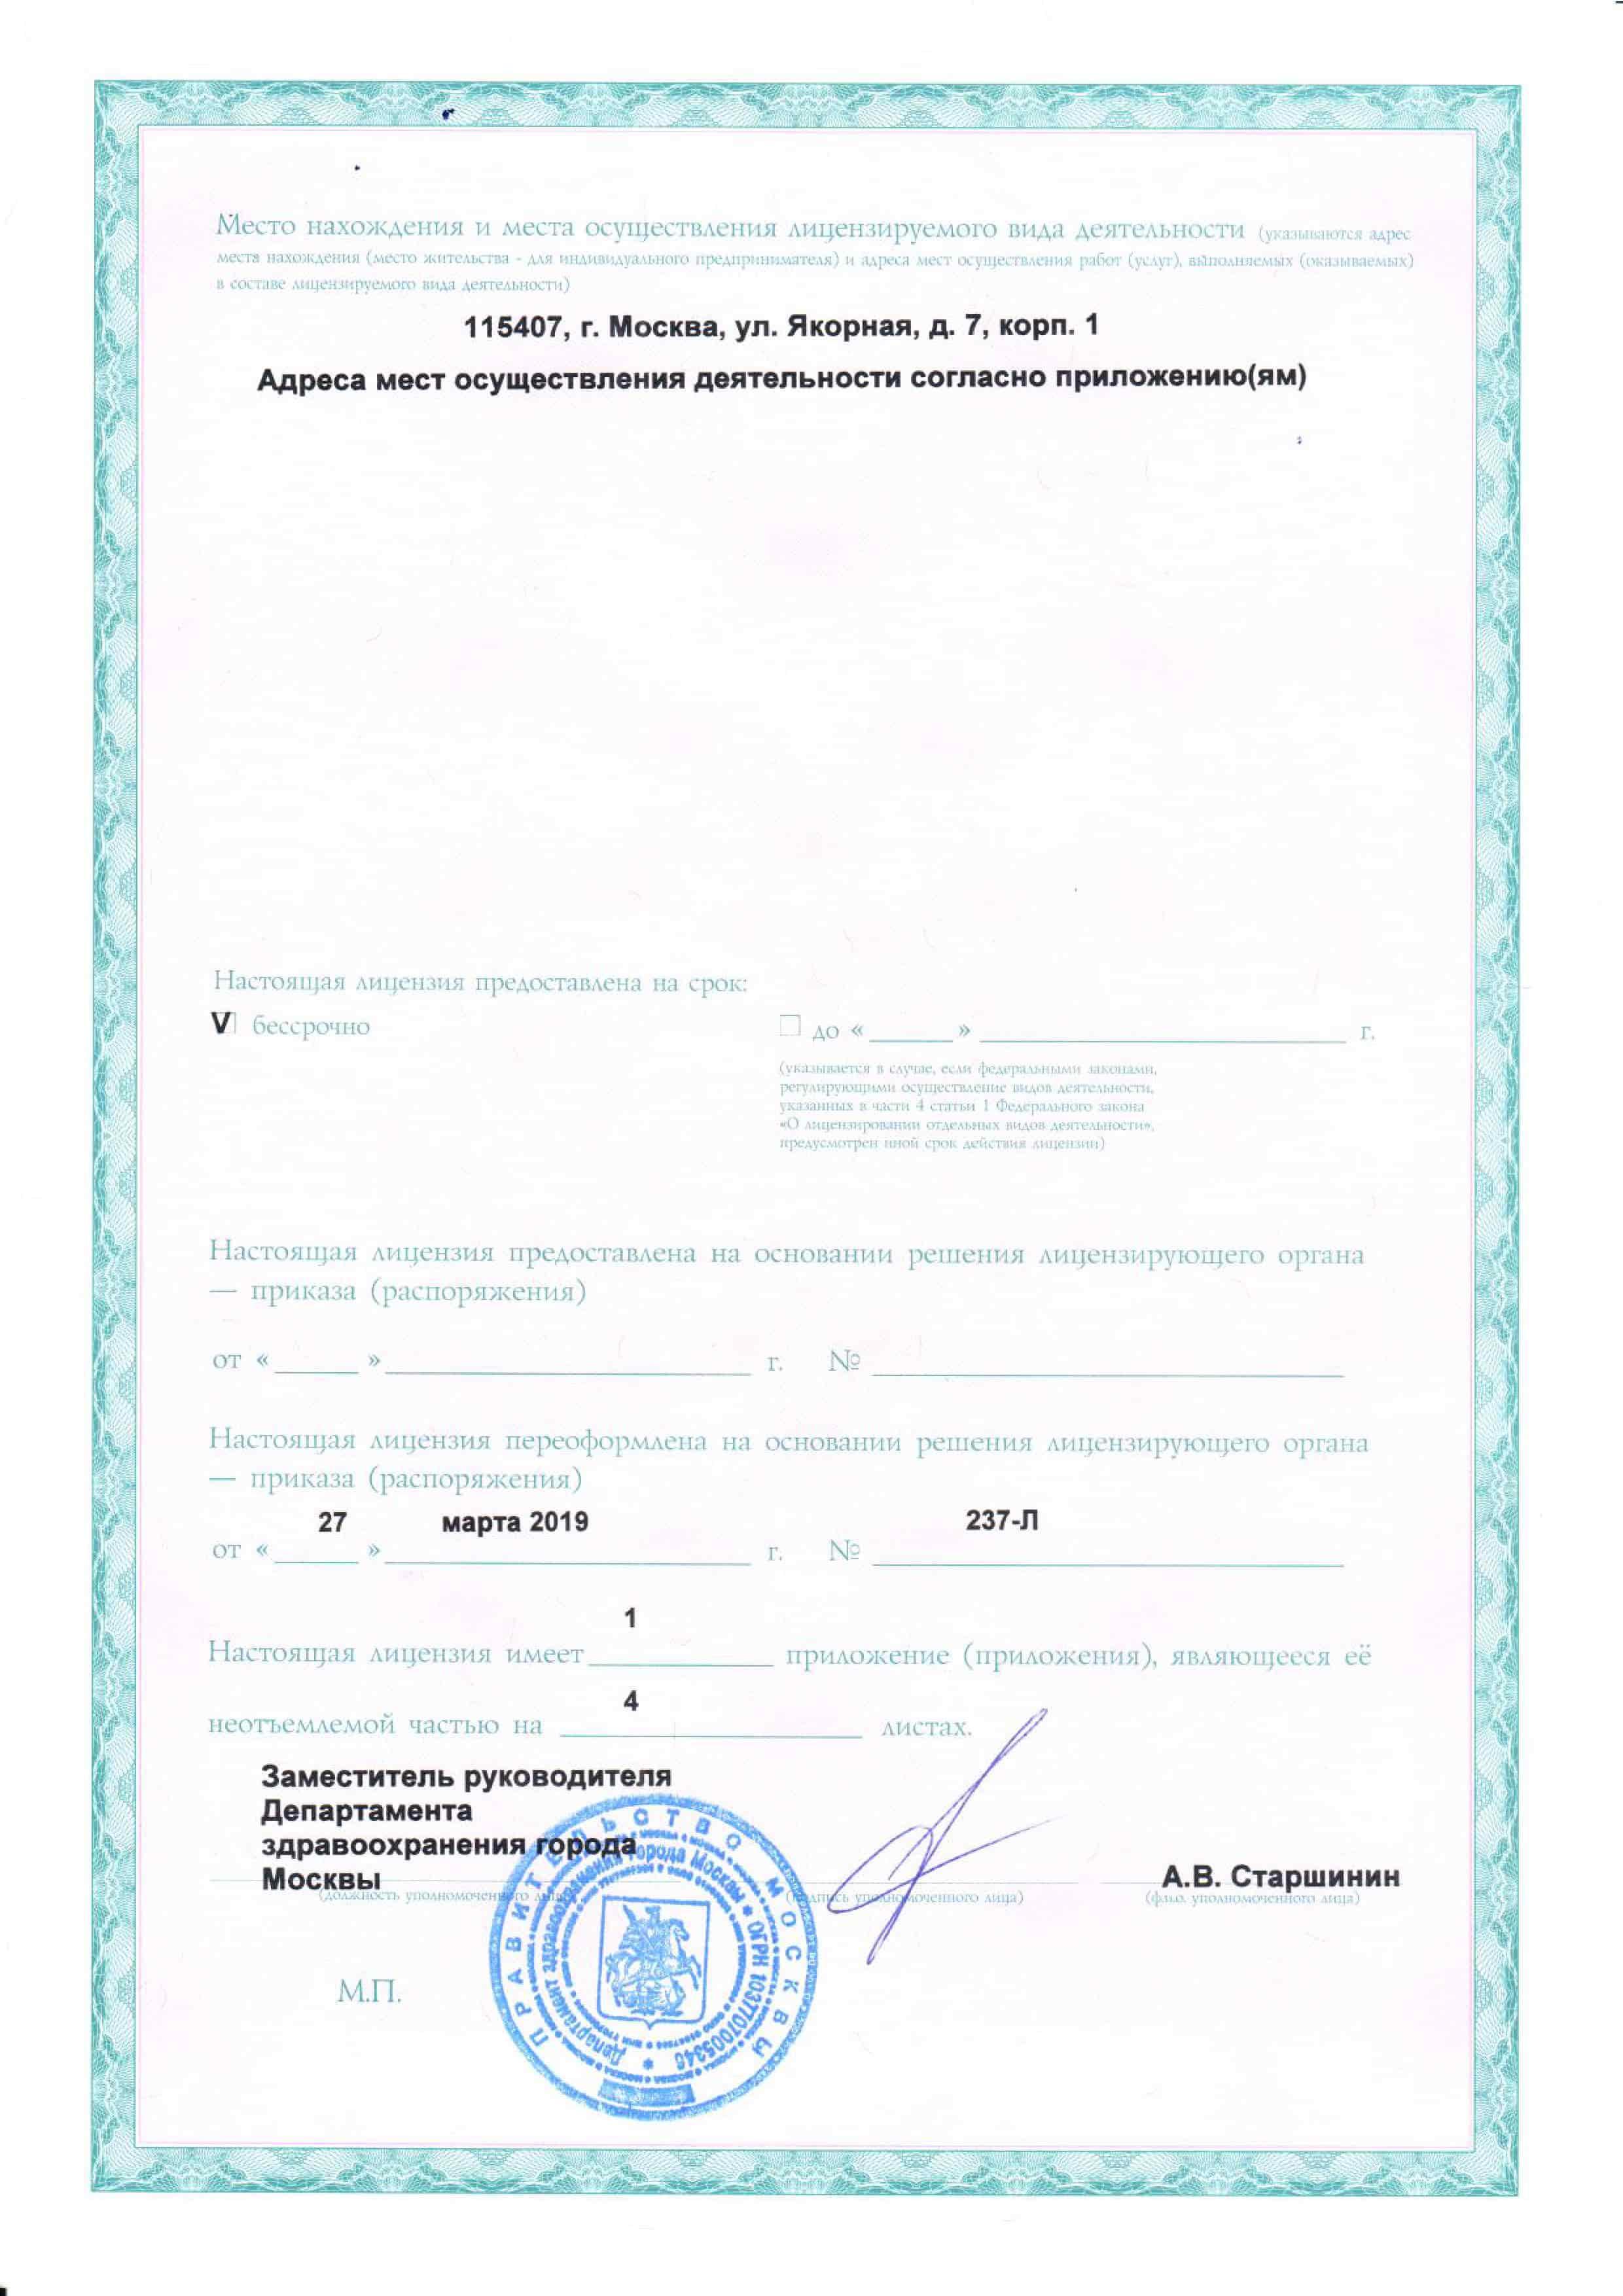 Где в Москве Ярославский можно посещать бассейн без справки